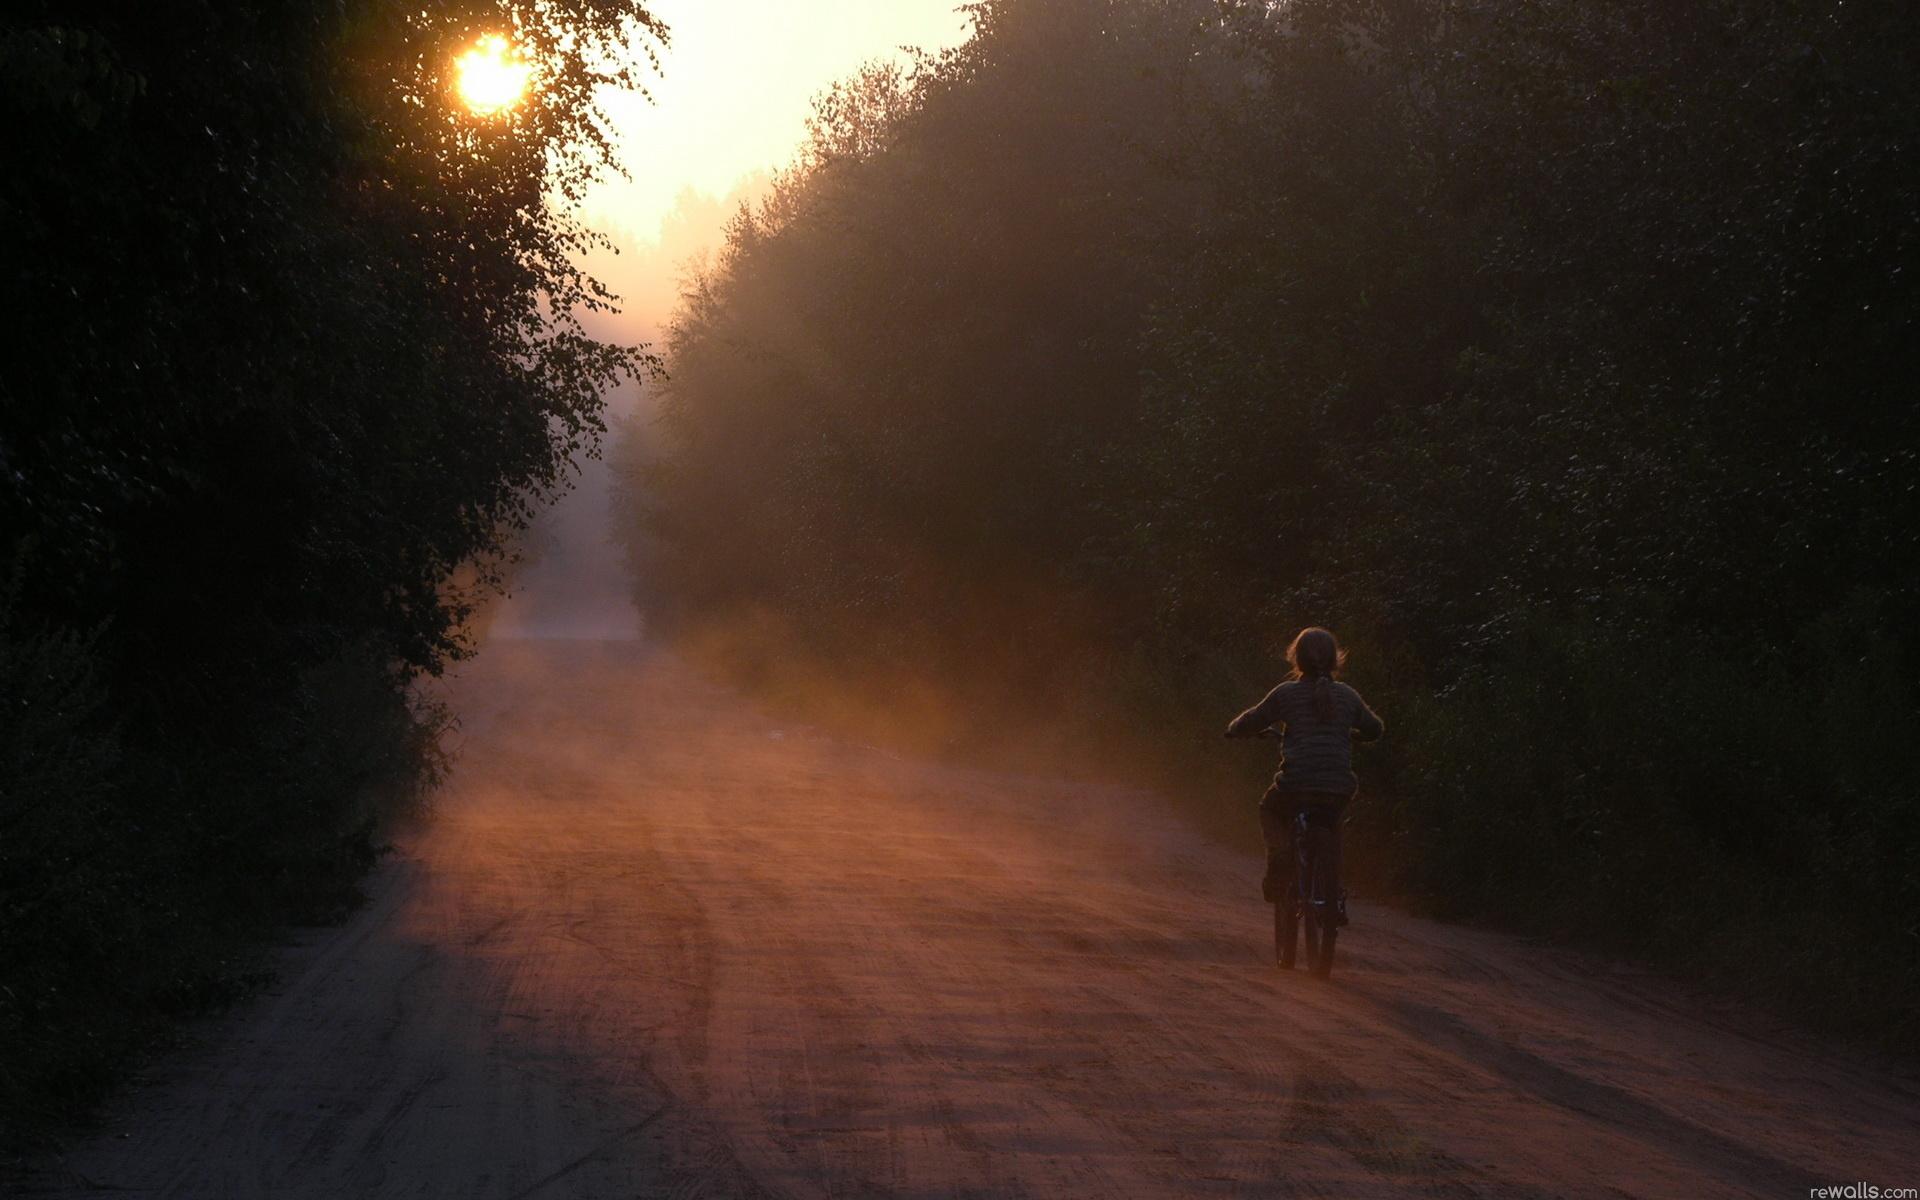 закат, девушка, лесная дорога бесплатно